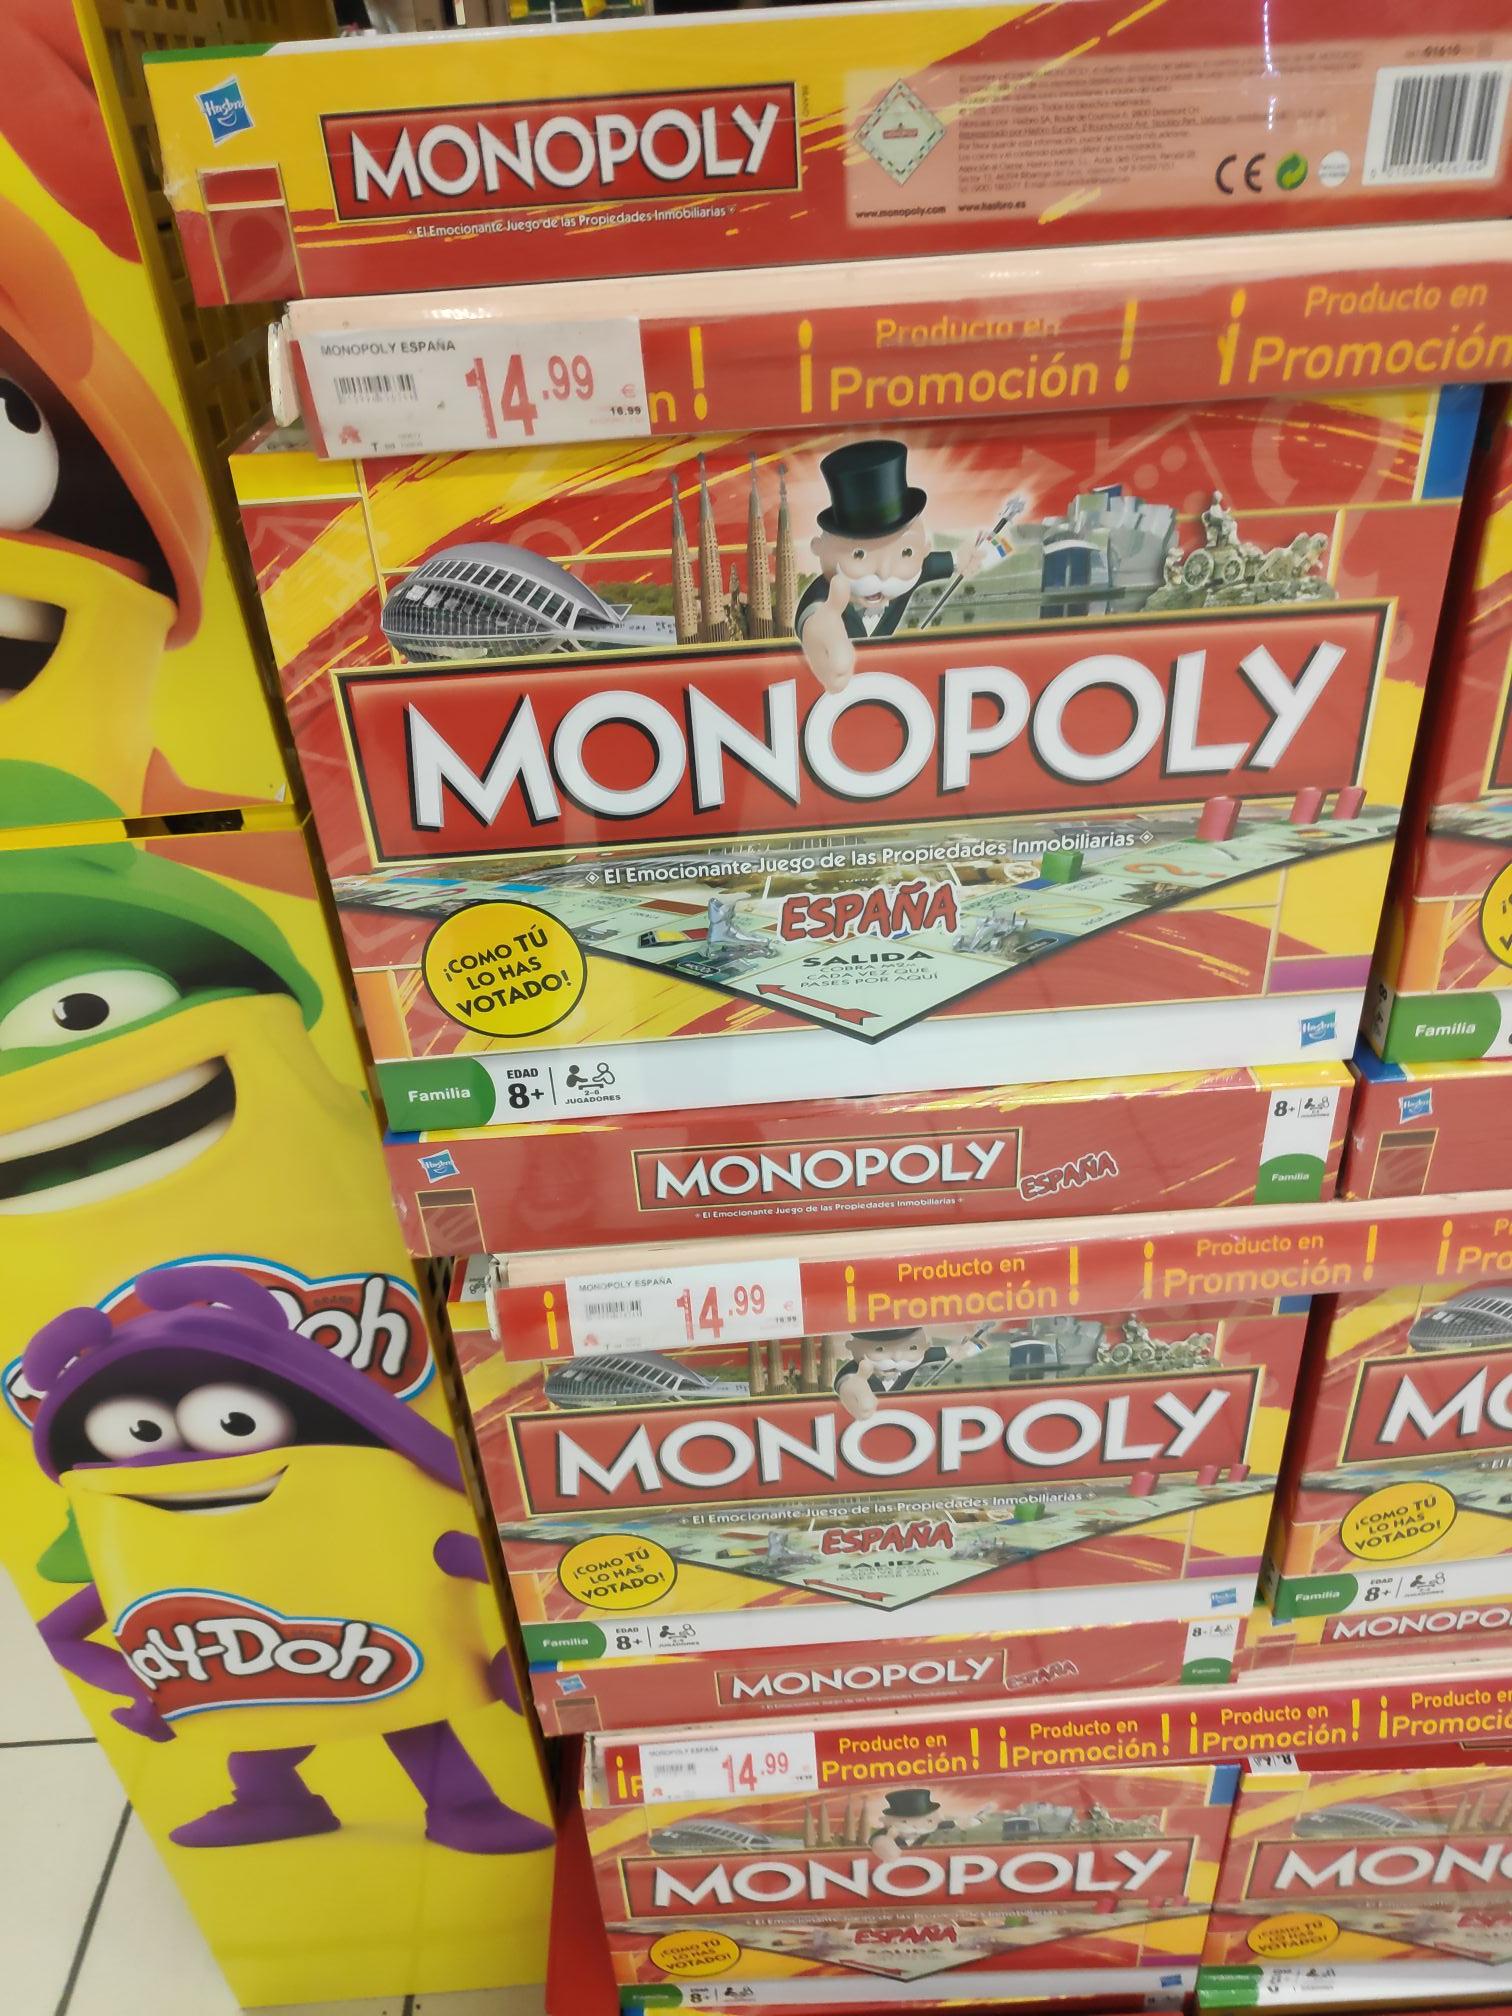 Monopoly edición España a muy buen precio (Alcampo Sevilla Este)